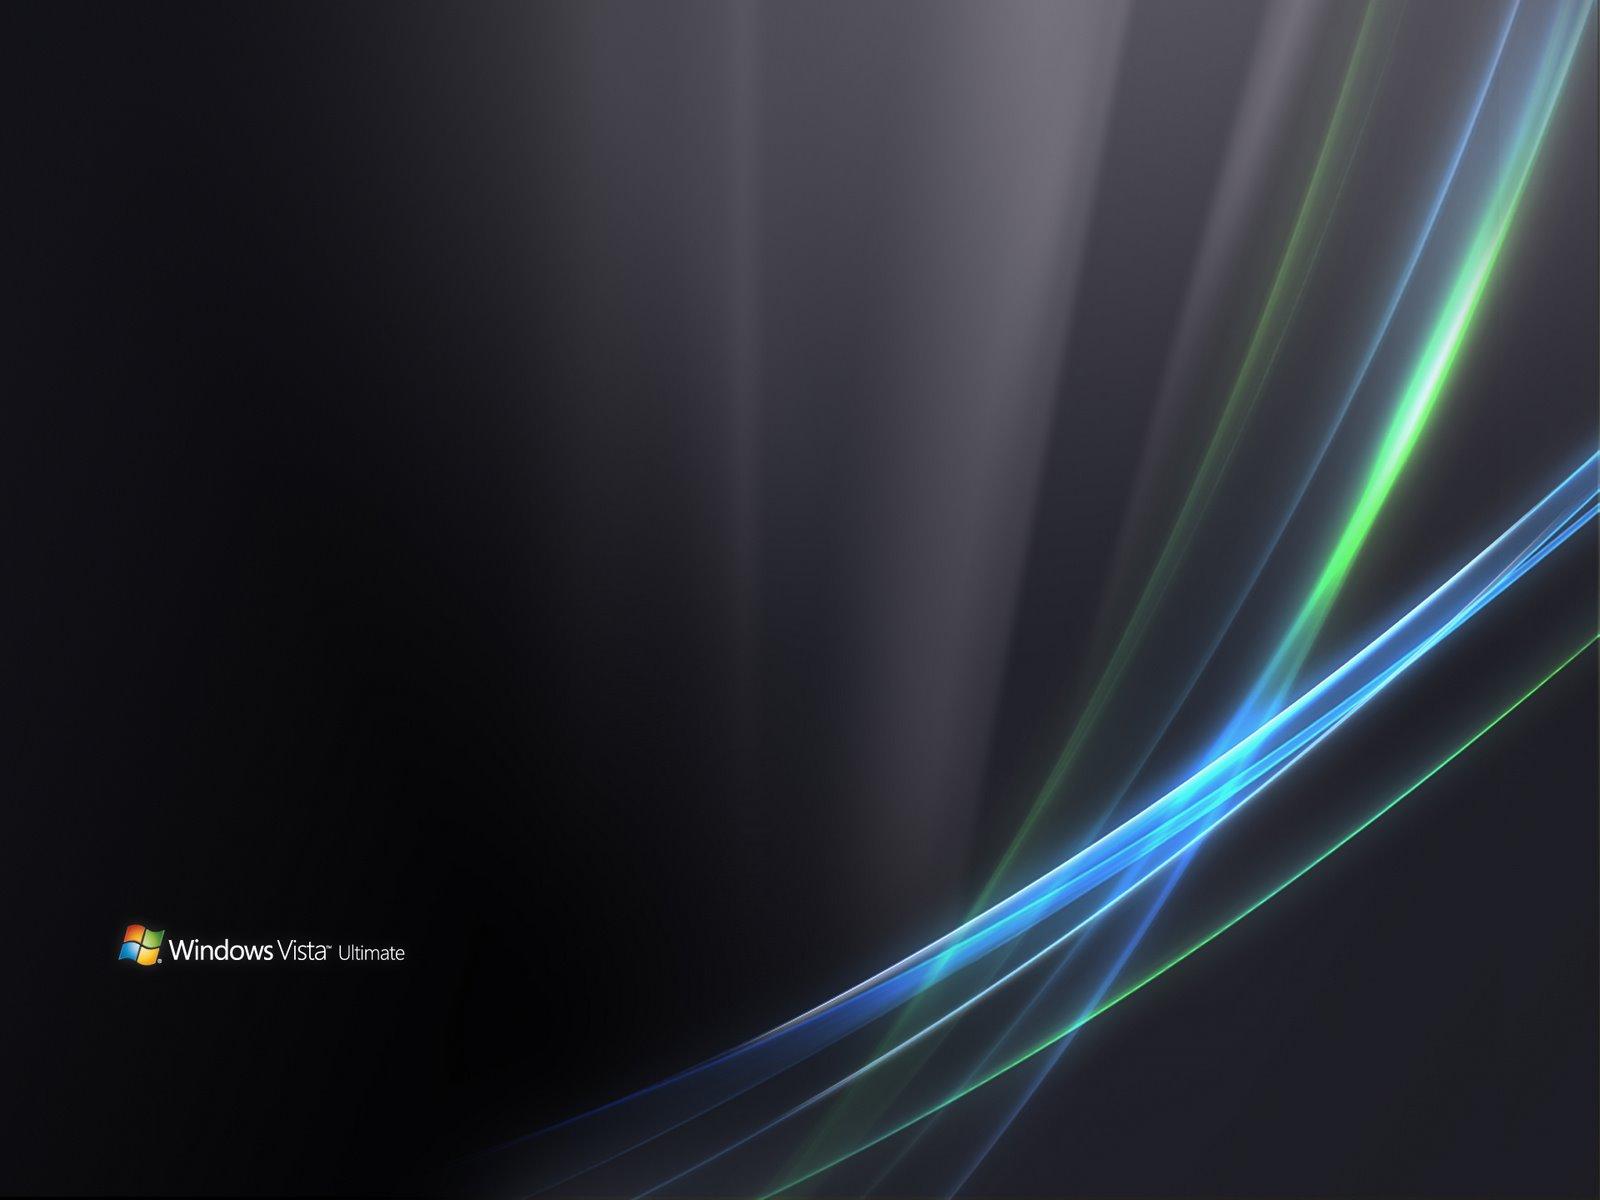 Free download desktop background desktop backgrounds for windows 7 Desktop  [1600x1200] for your Desktop, Mobile & Tablet   Explore 75+ Computer Screen  Background Pictures   Computer Screen Background Pictures, Background  Pictures For